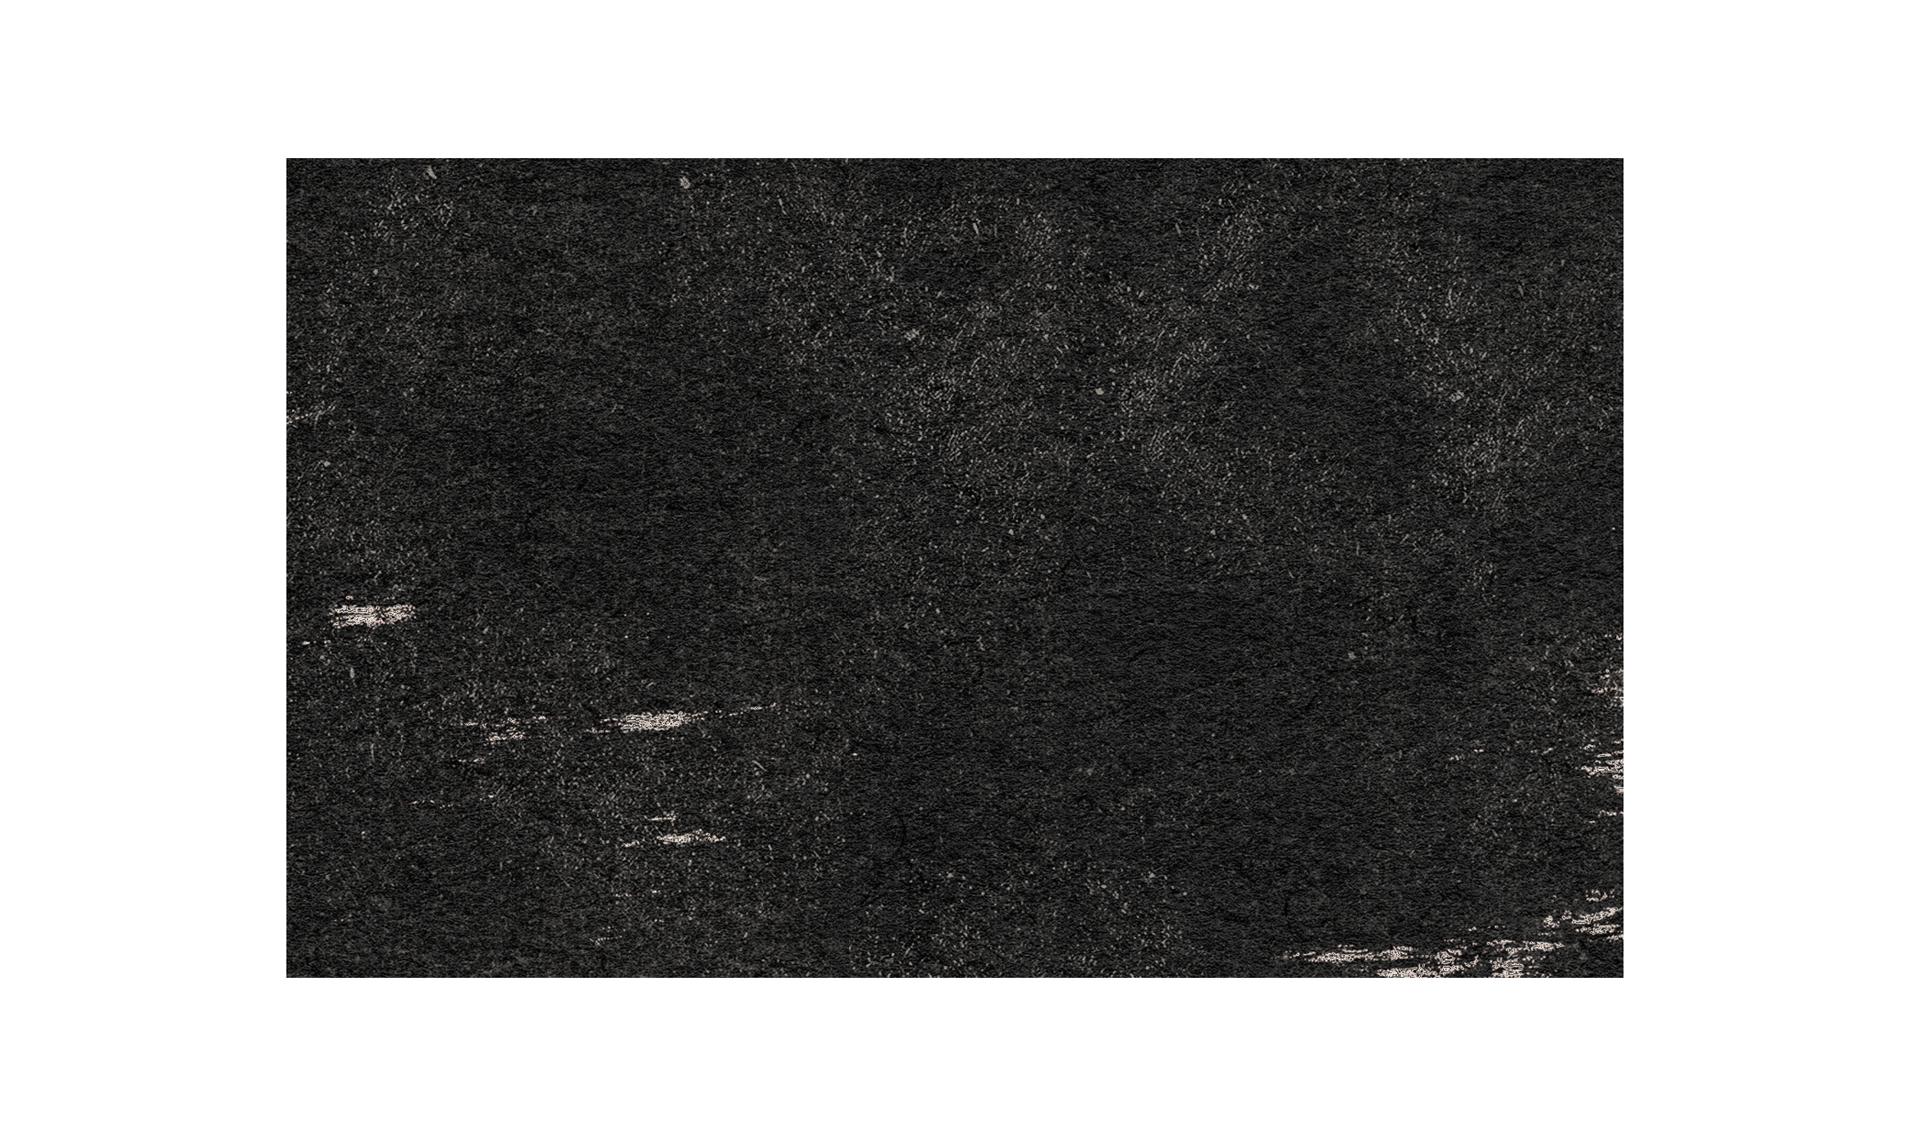 Blind Drive. עיצוב: YONIL